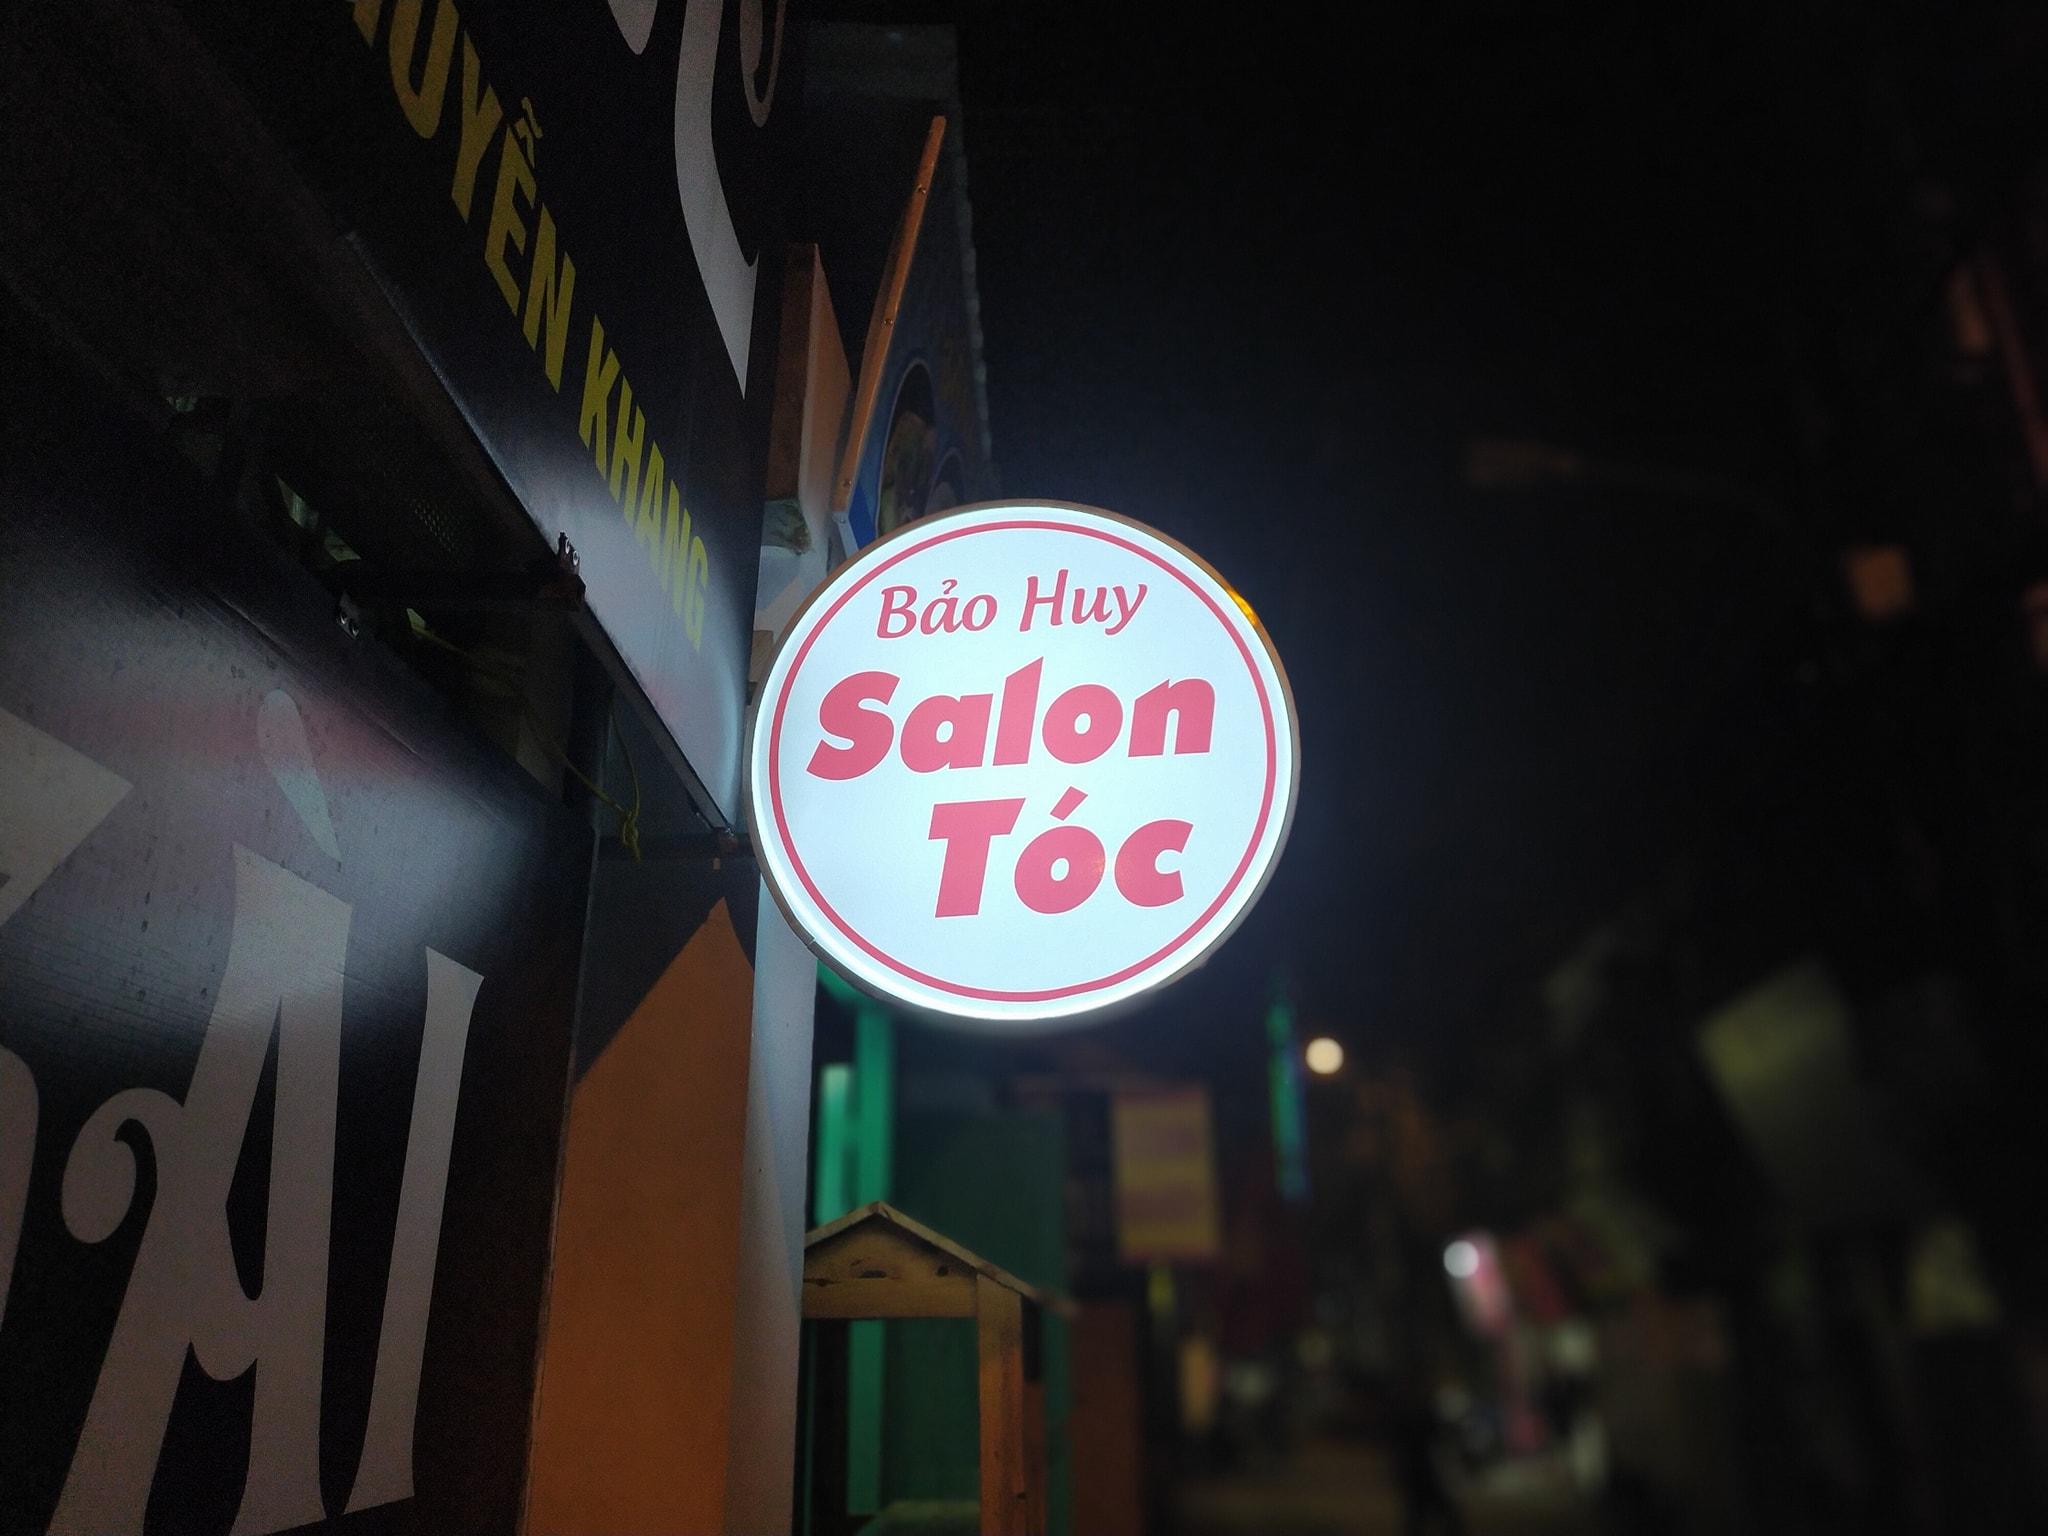 Hộp đèn mica cắt tóc tại Đà Nẵng